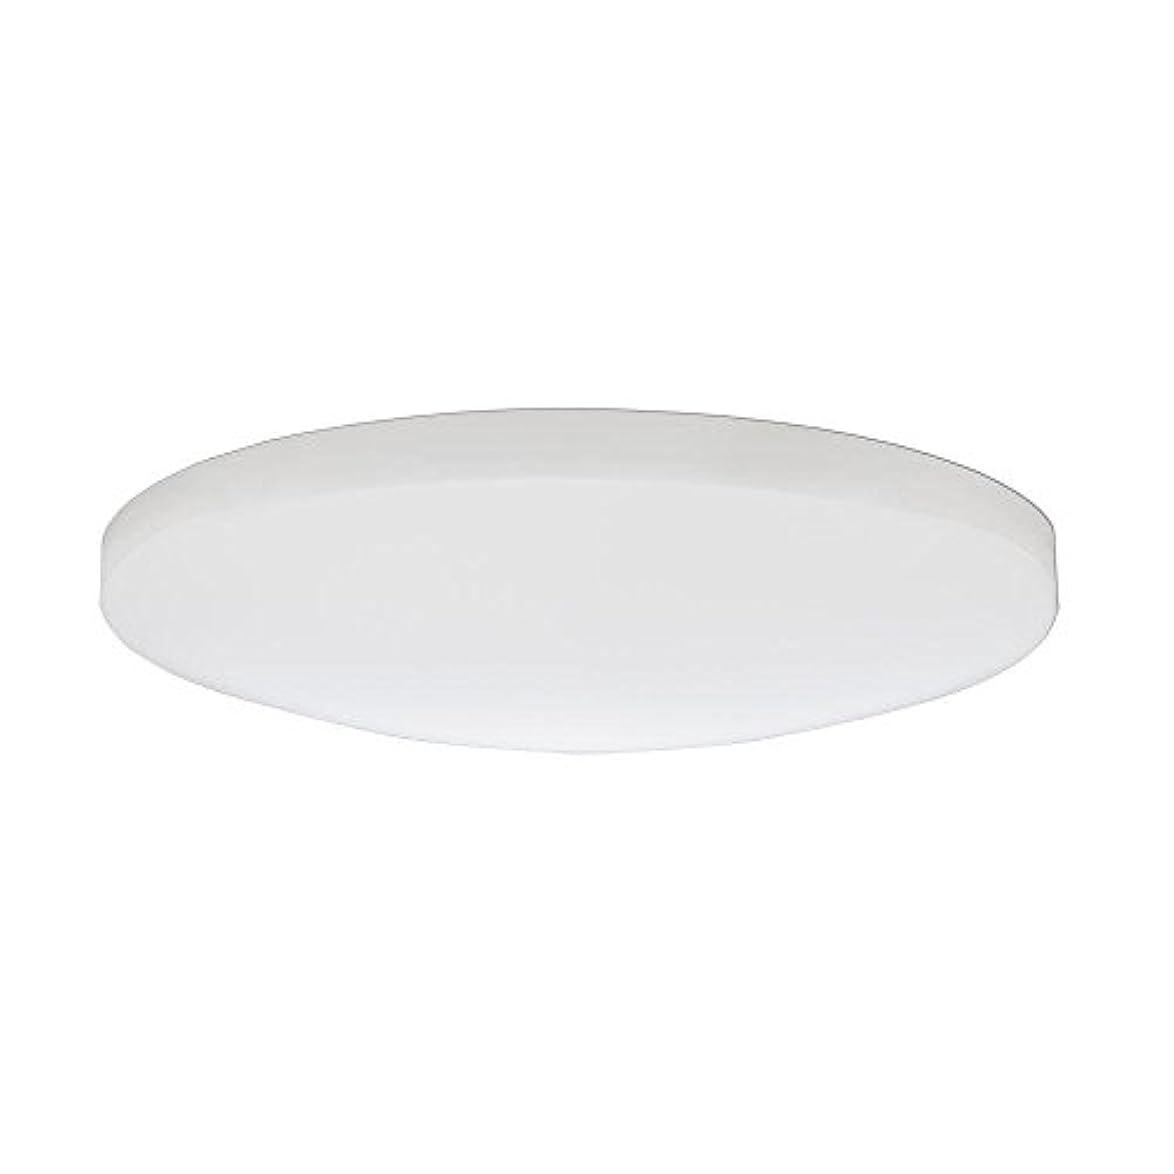 緑スツール条件付きLithonia Lighting DSATL16 M4 Replacement Glass Diffuser, 16', White [並行輸入品]